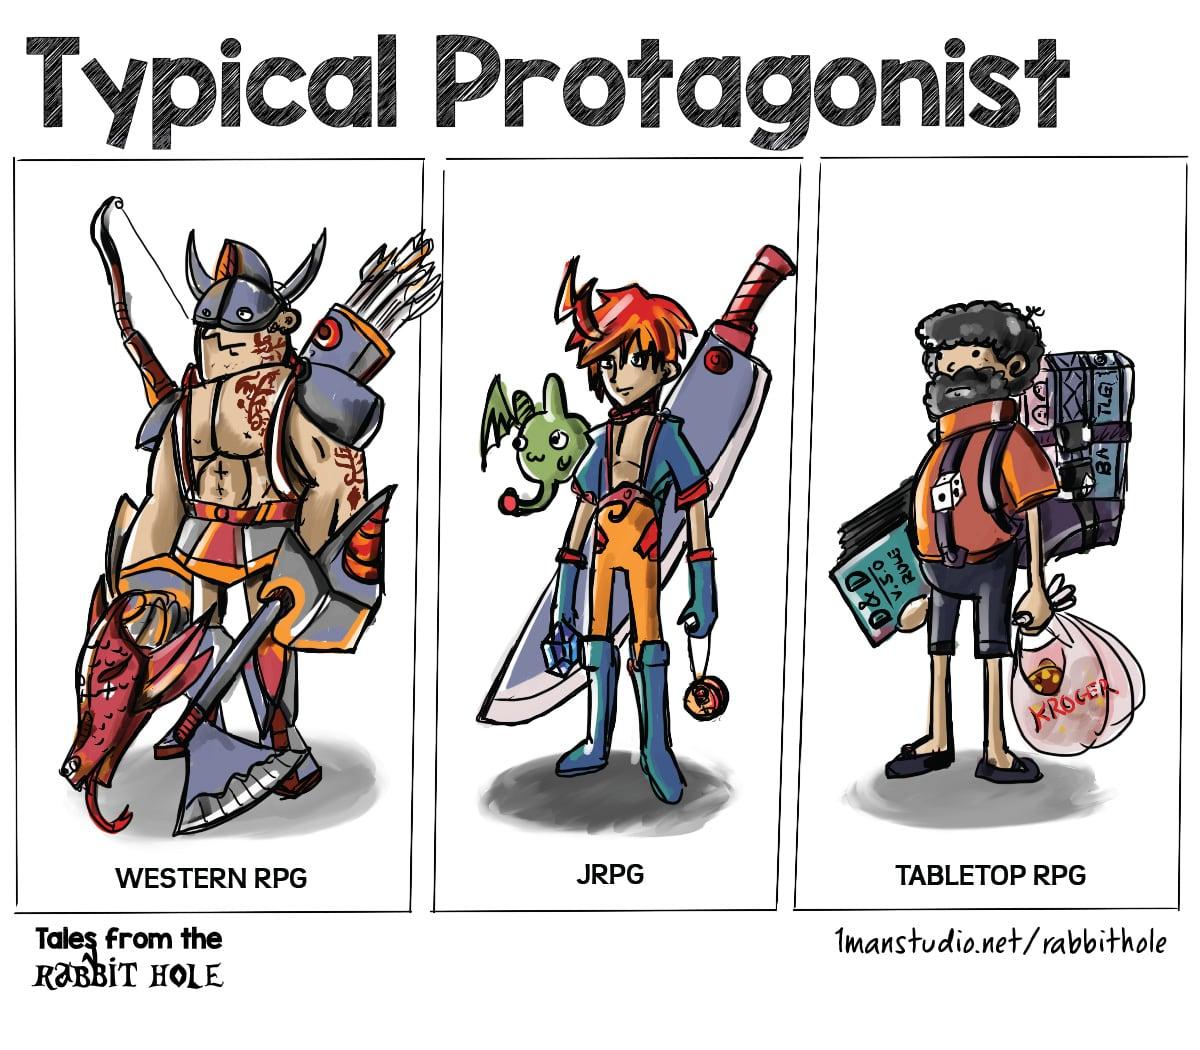 RPG Protagonists